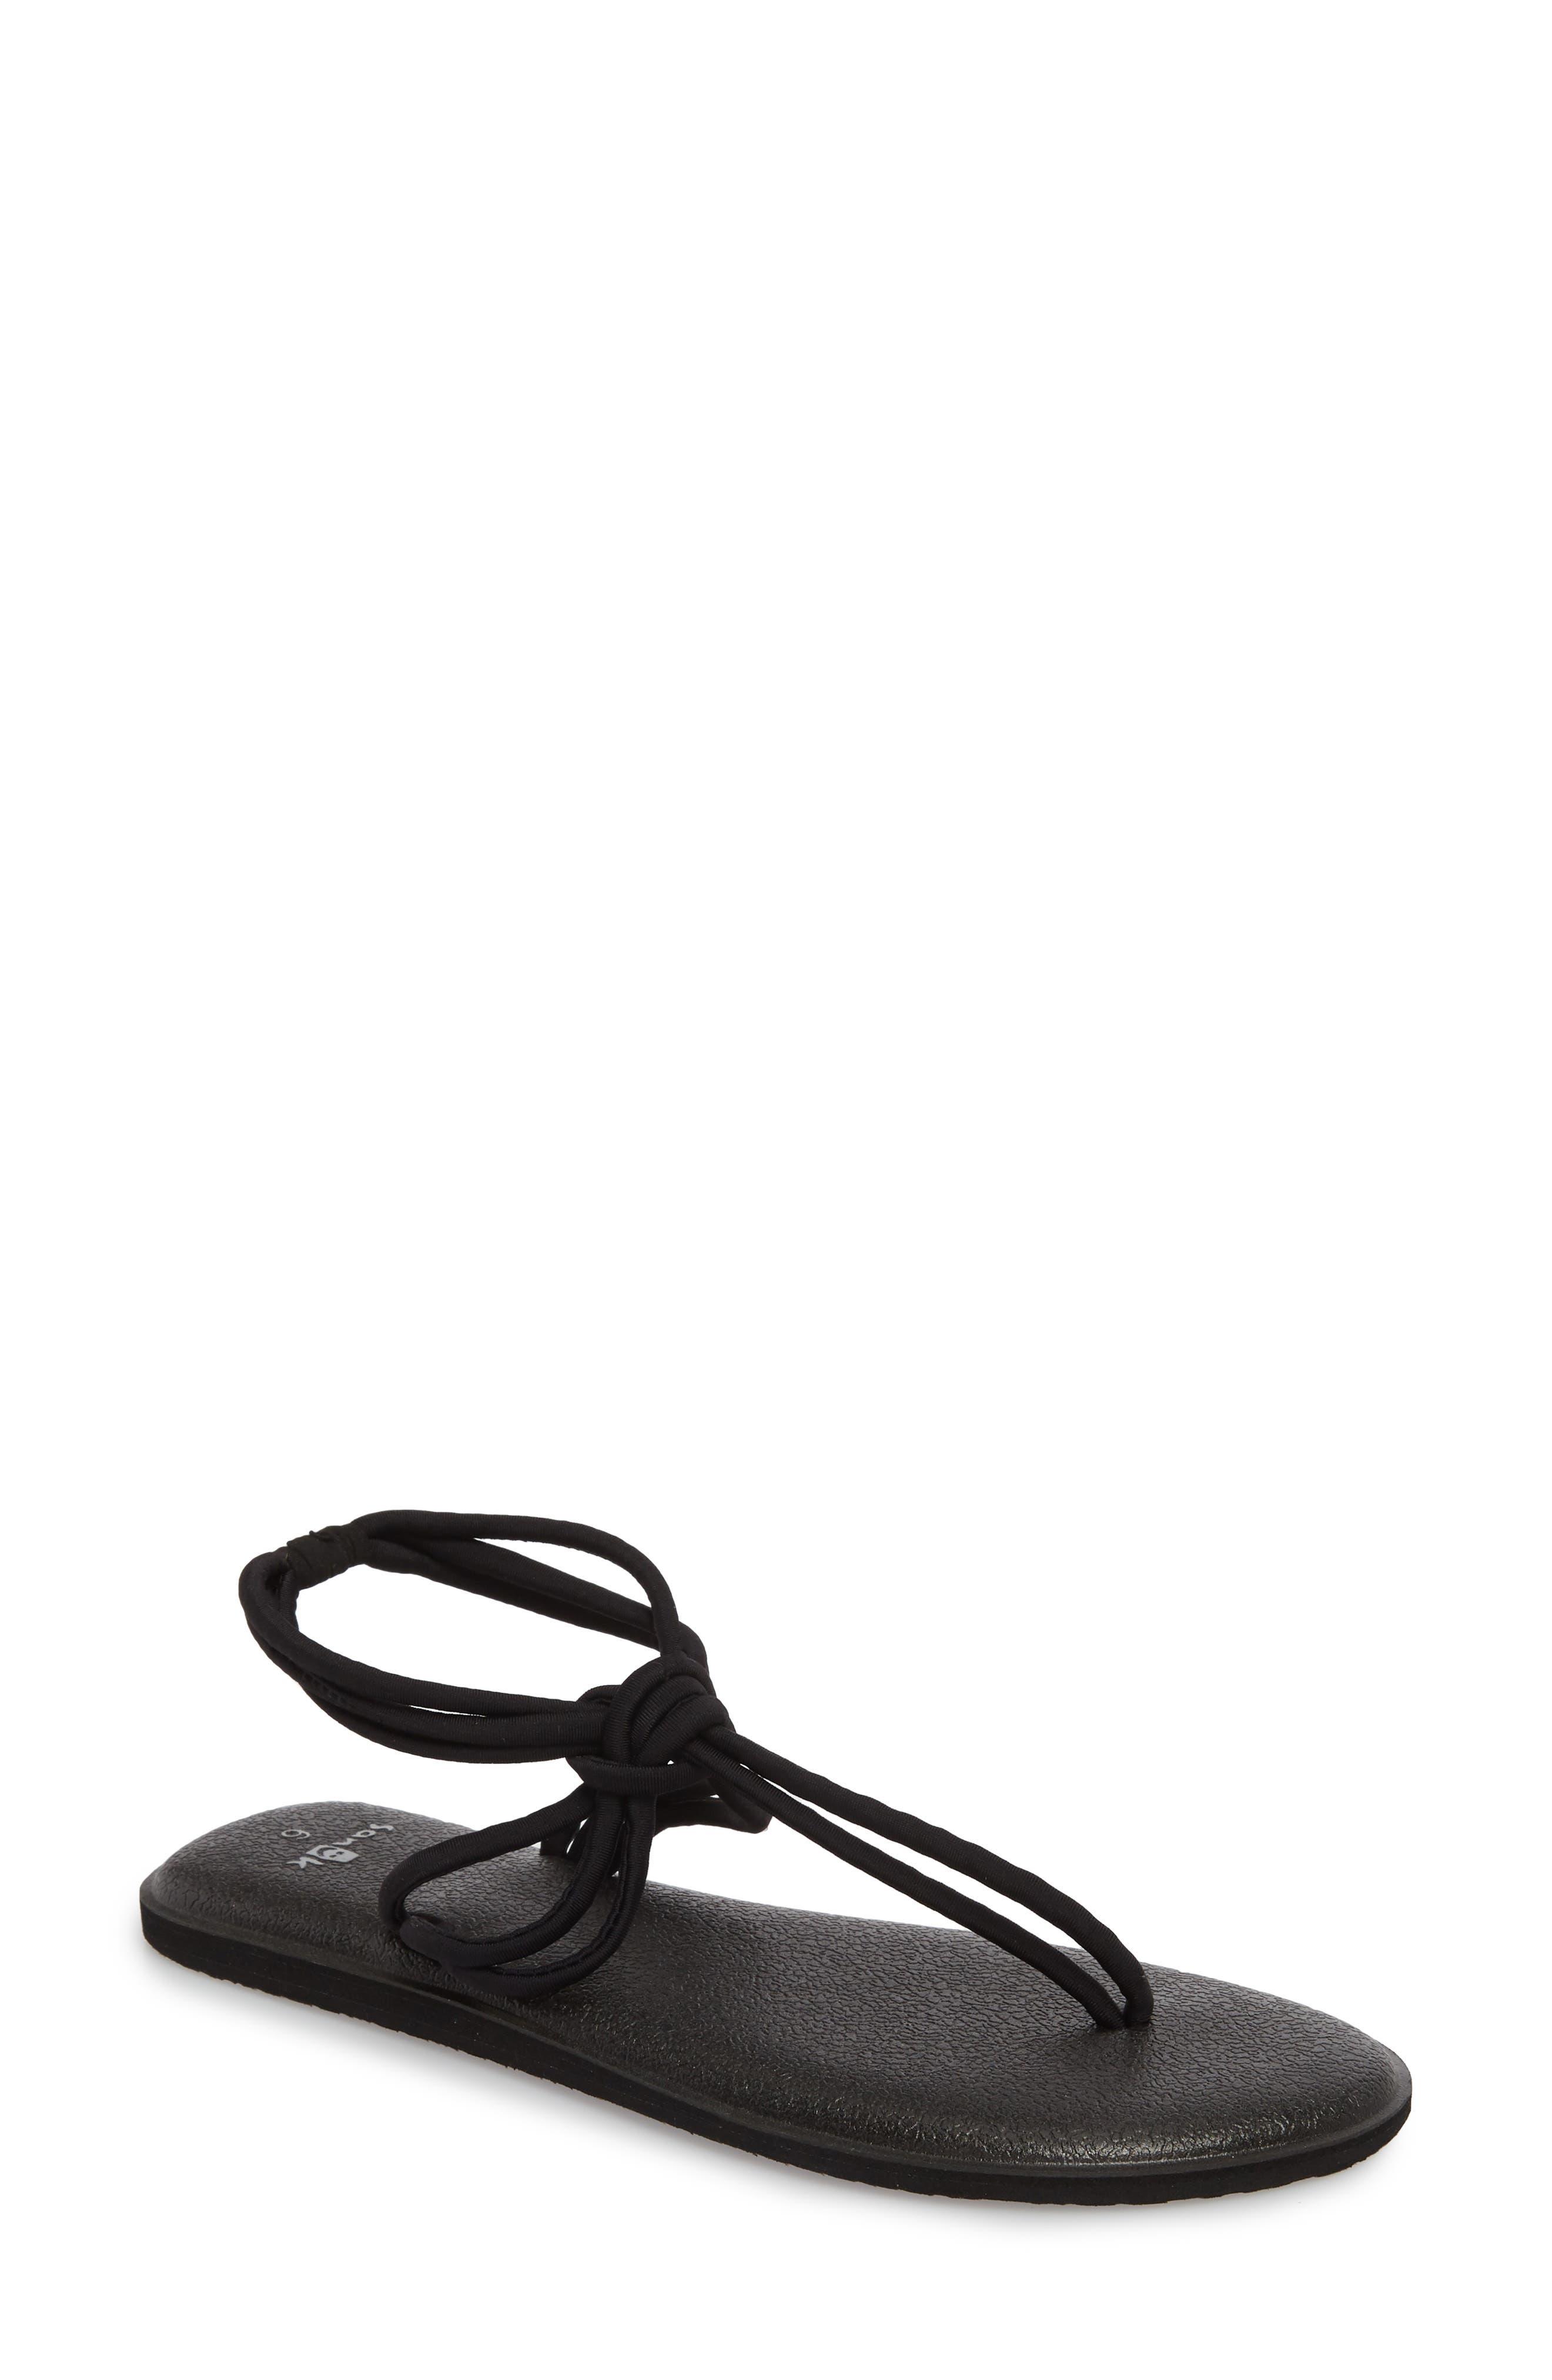 Sanuk Yoga Sunshine Knotted Thong Sandal (Women)